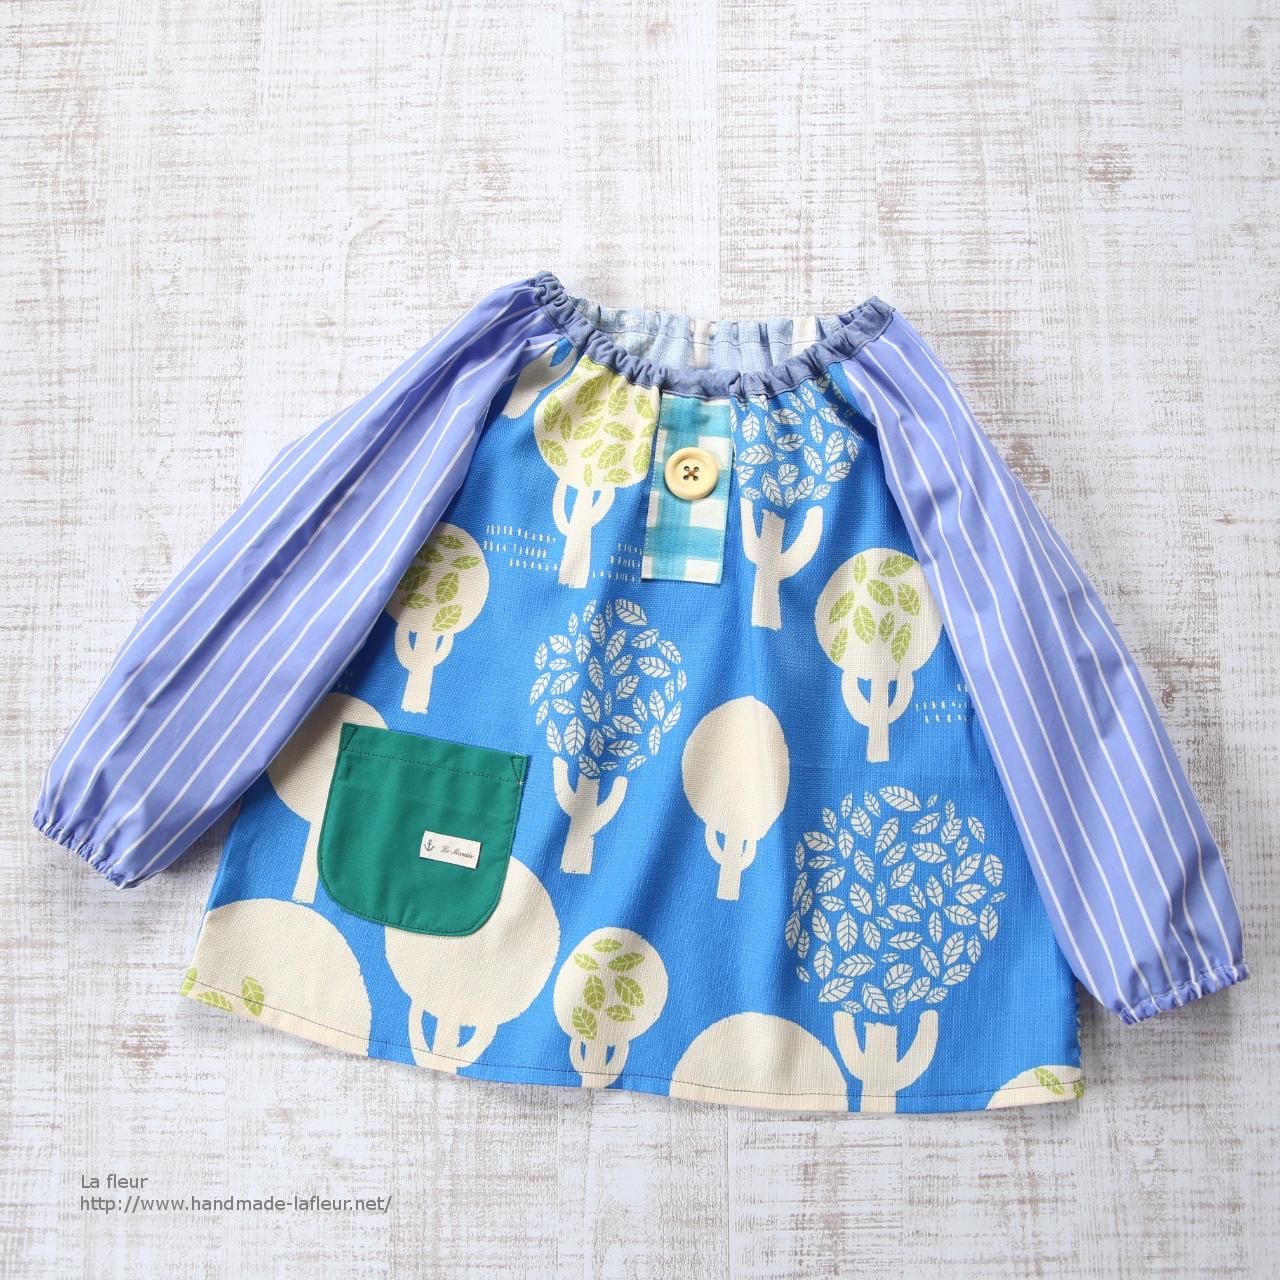 【110】スモック*北欧風ツリー柄 ブルー 入園準備/La fleur